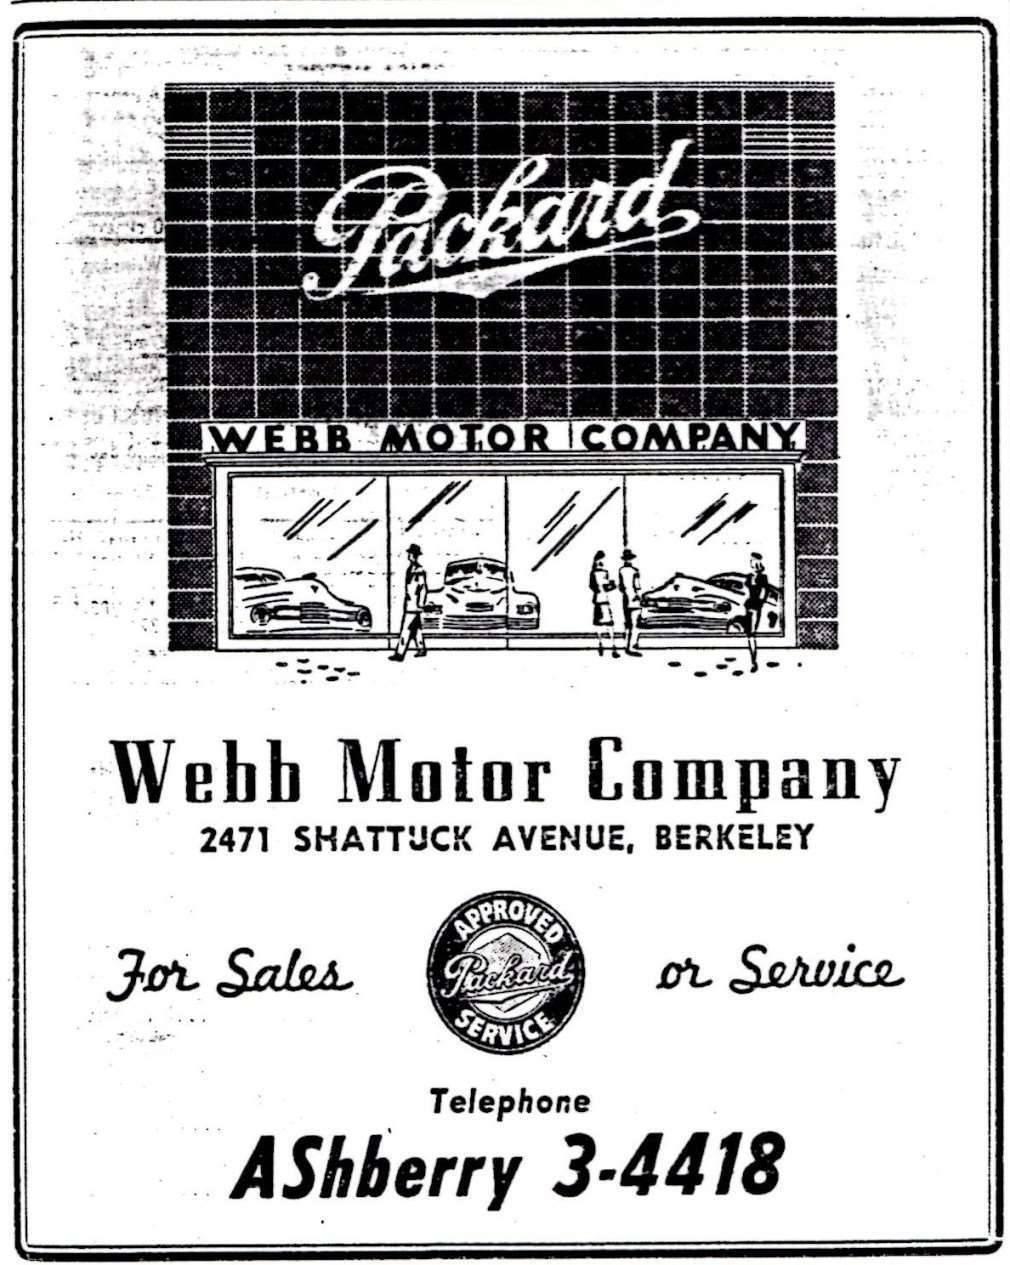 Webb Motor Company